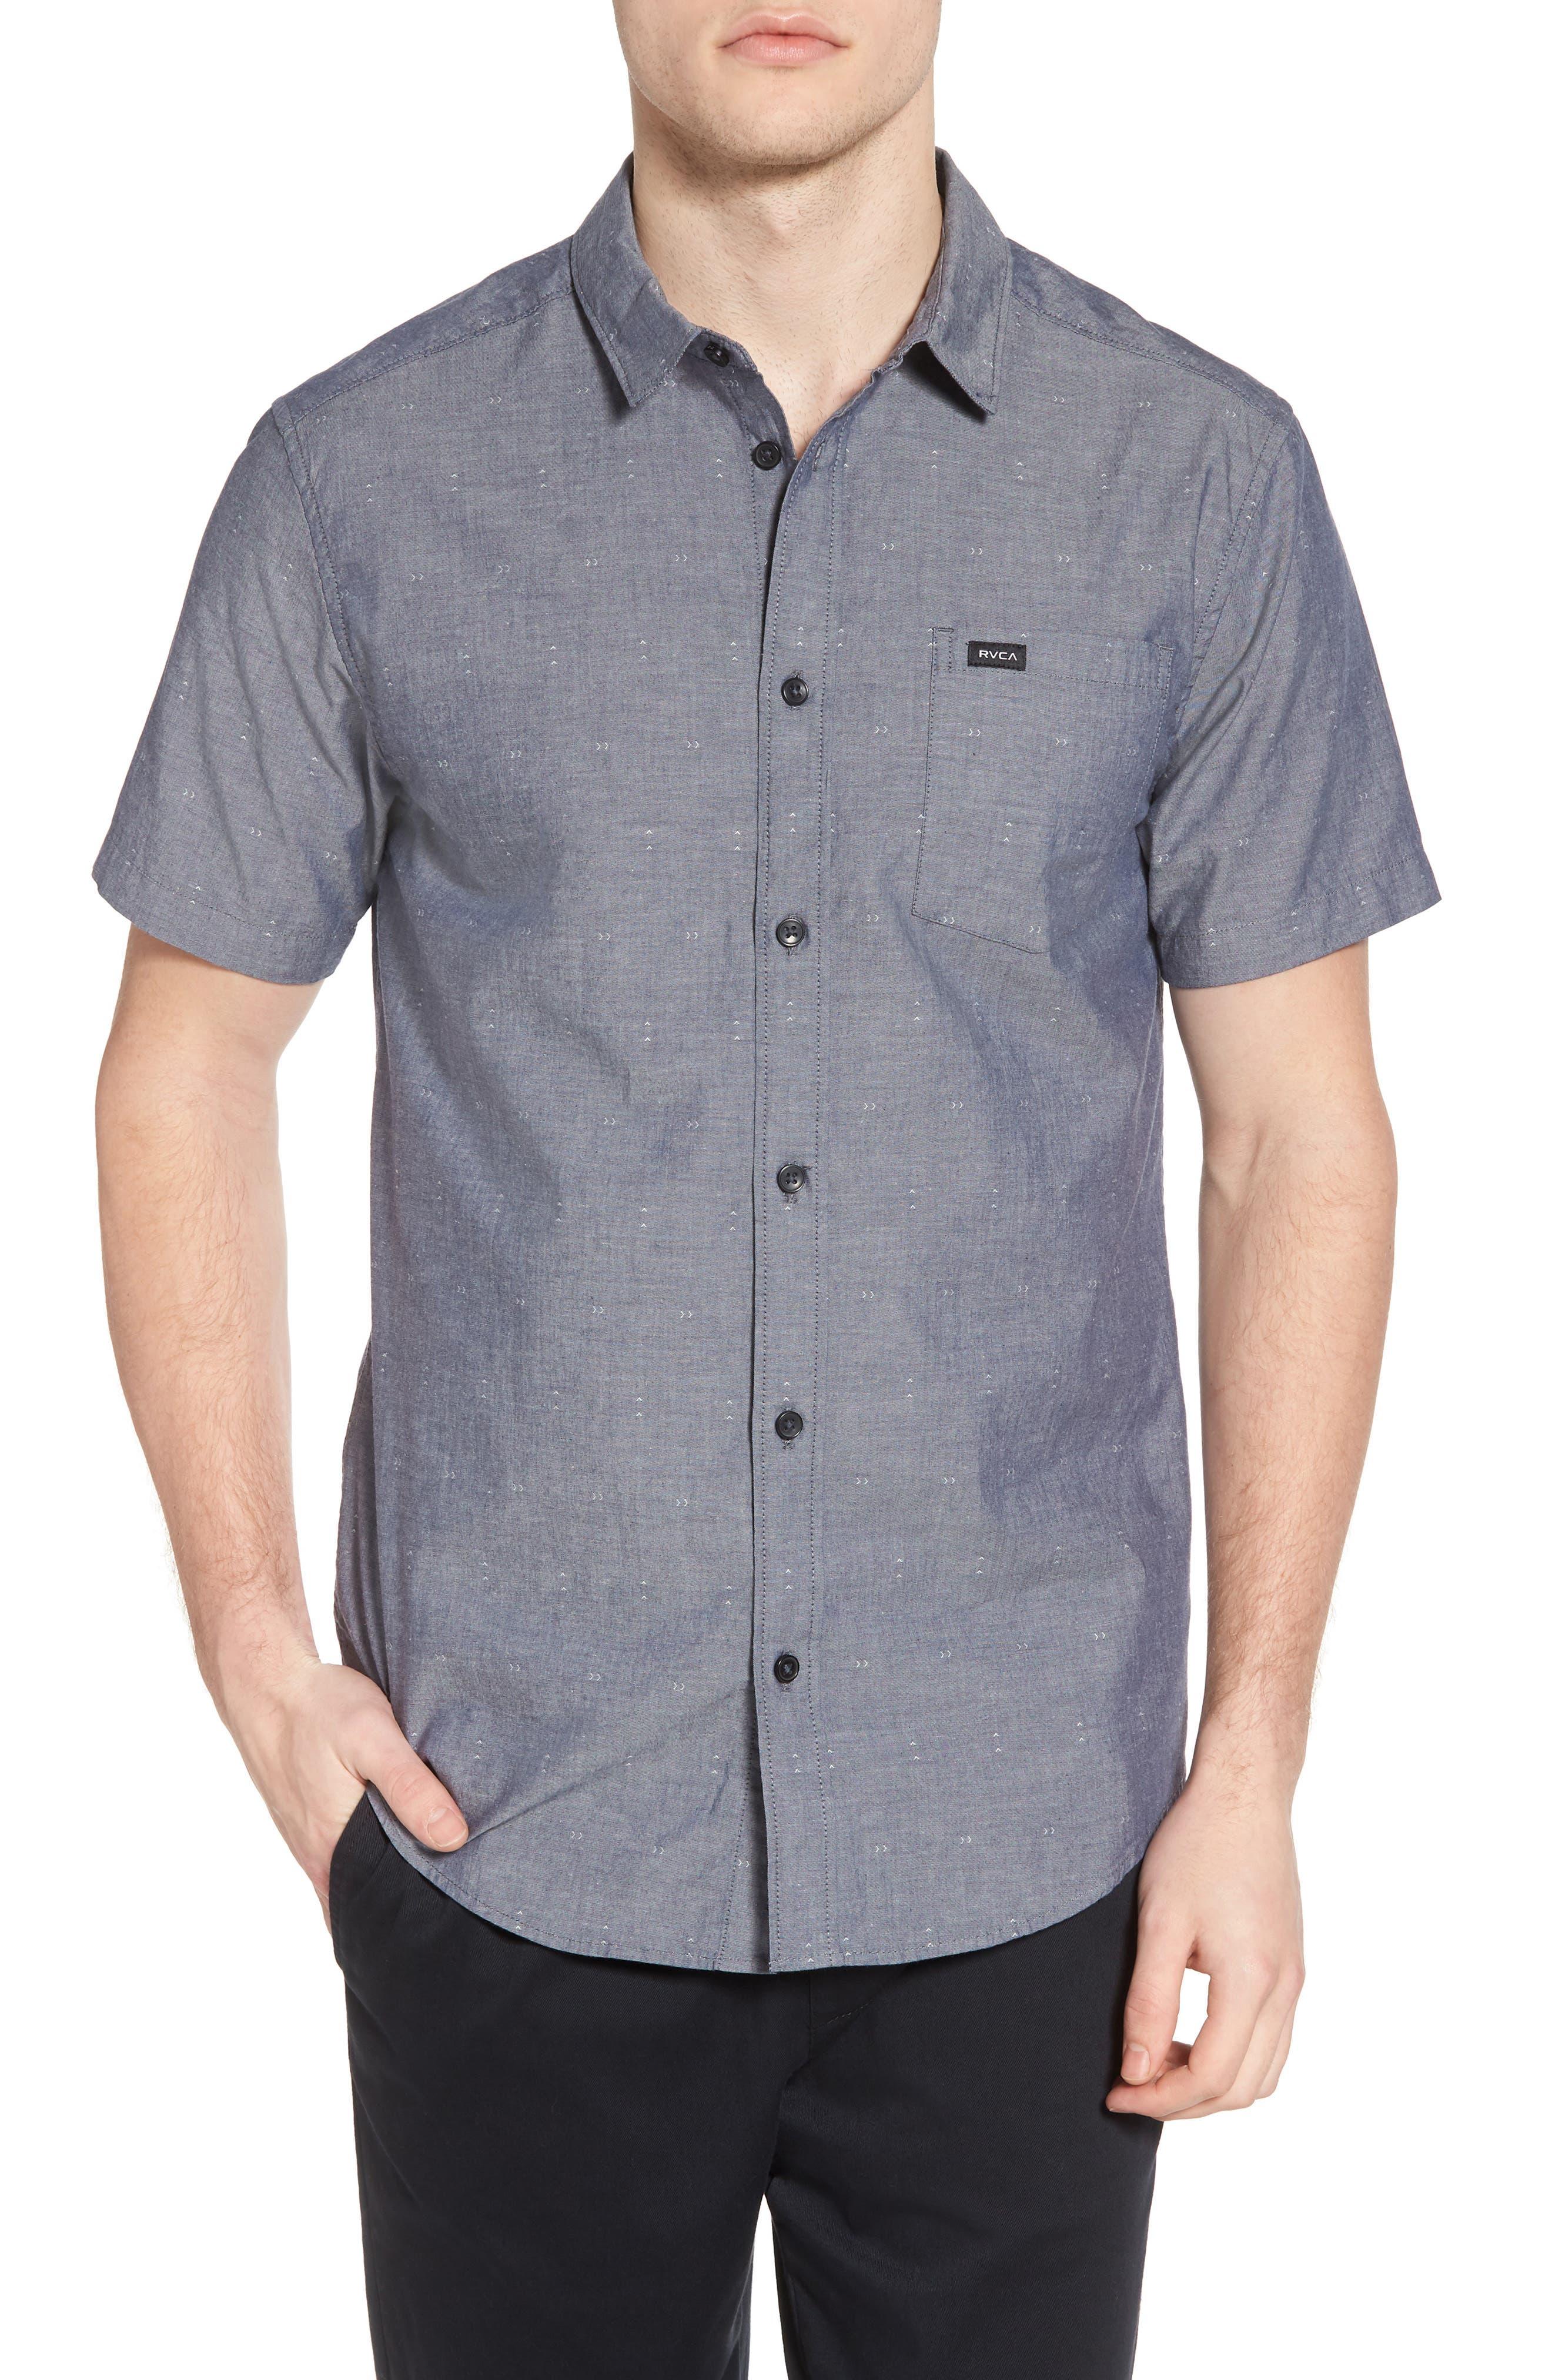 Arrows Woven Shirt,                             Main thumbnail 1, color,                             Classic Indigo